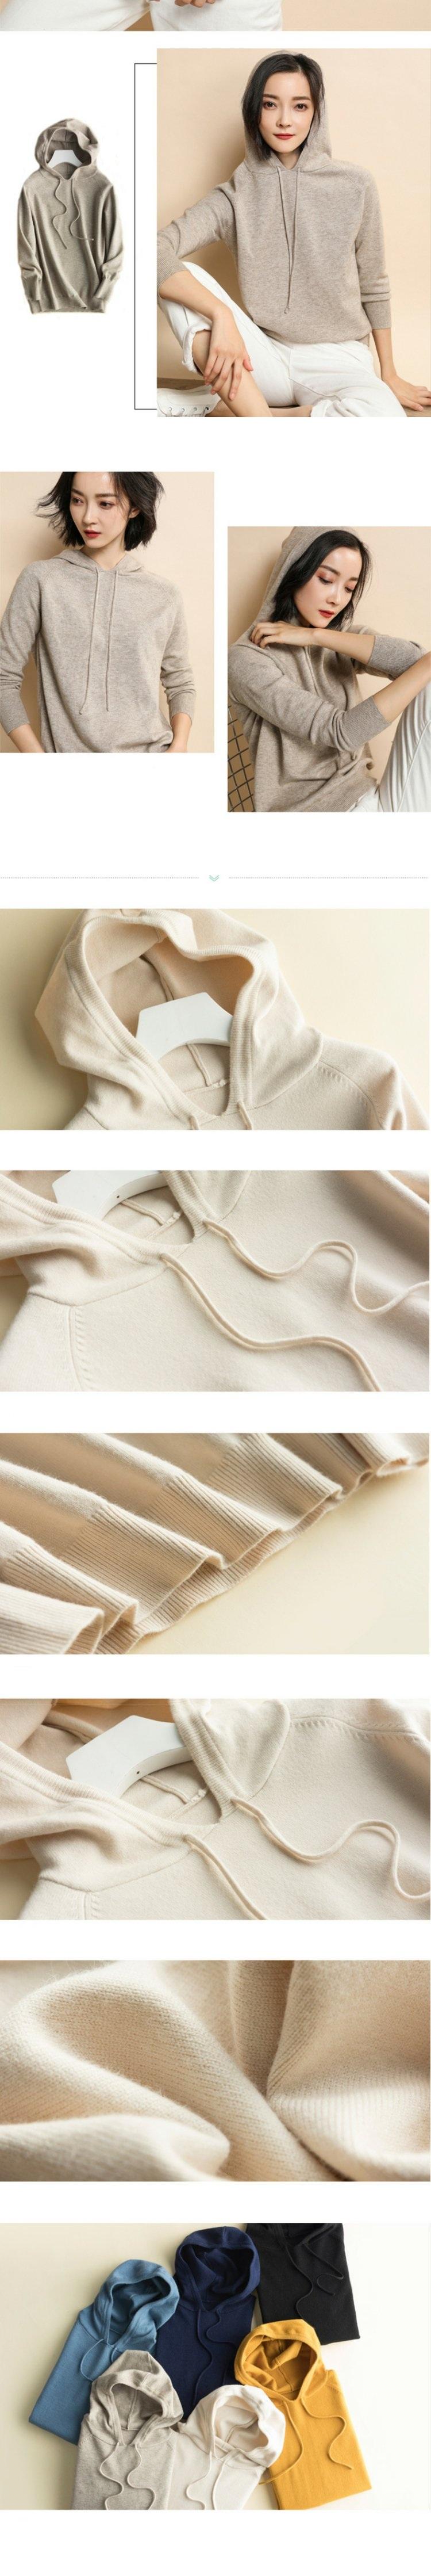 Áo hoodie len nữ LAHstore, chất len mêm mịn ấm áp, thời trang trẻ, phong cách Hàn Quốc 5